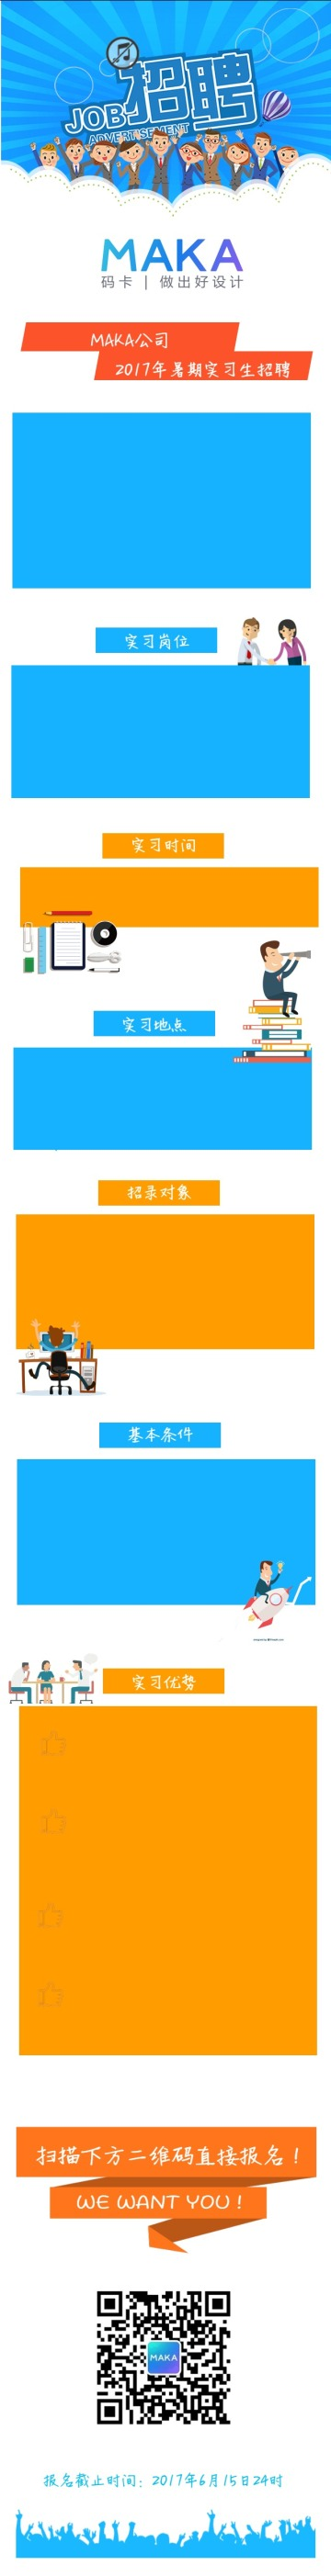 扁平简约蓝色互联网企业校园招聘介绍推广单页